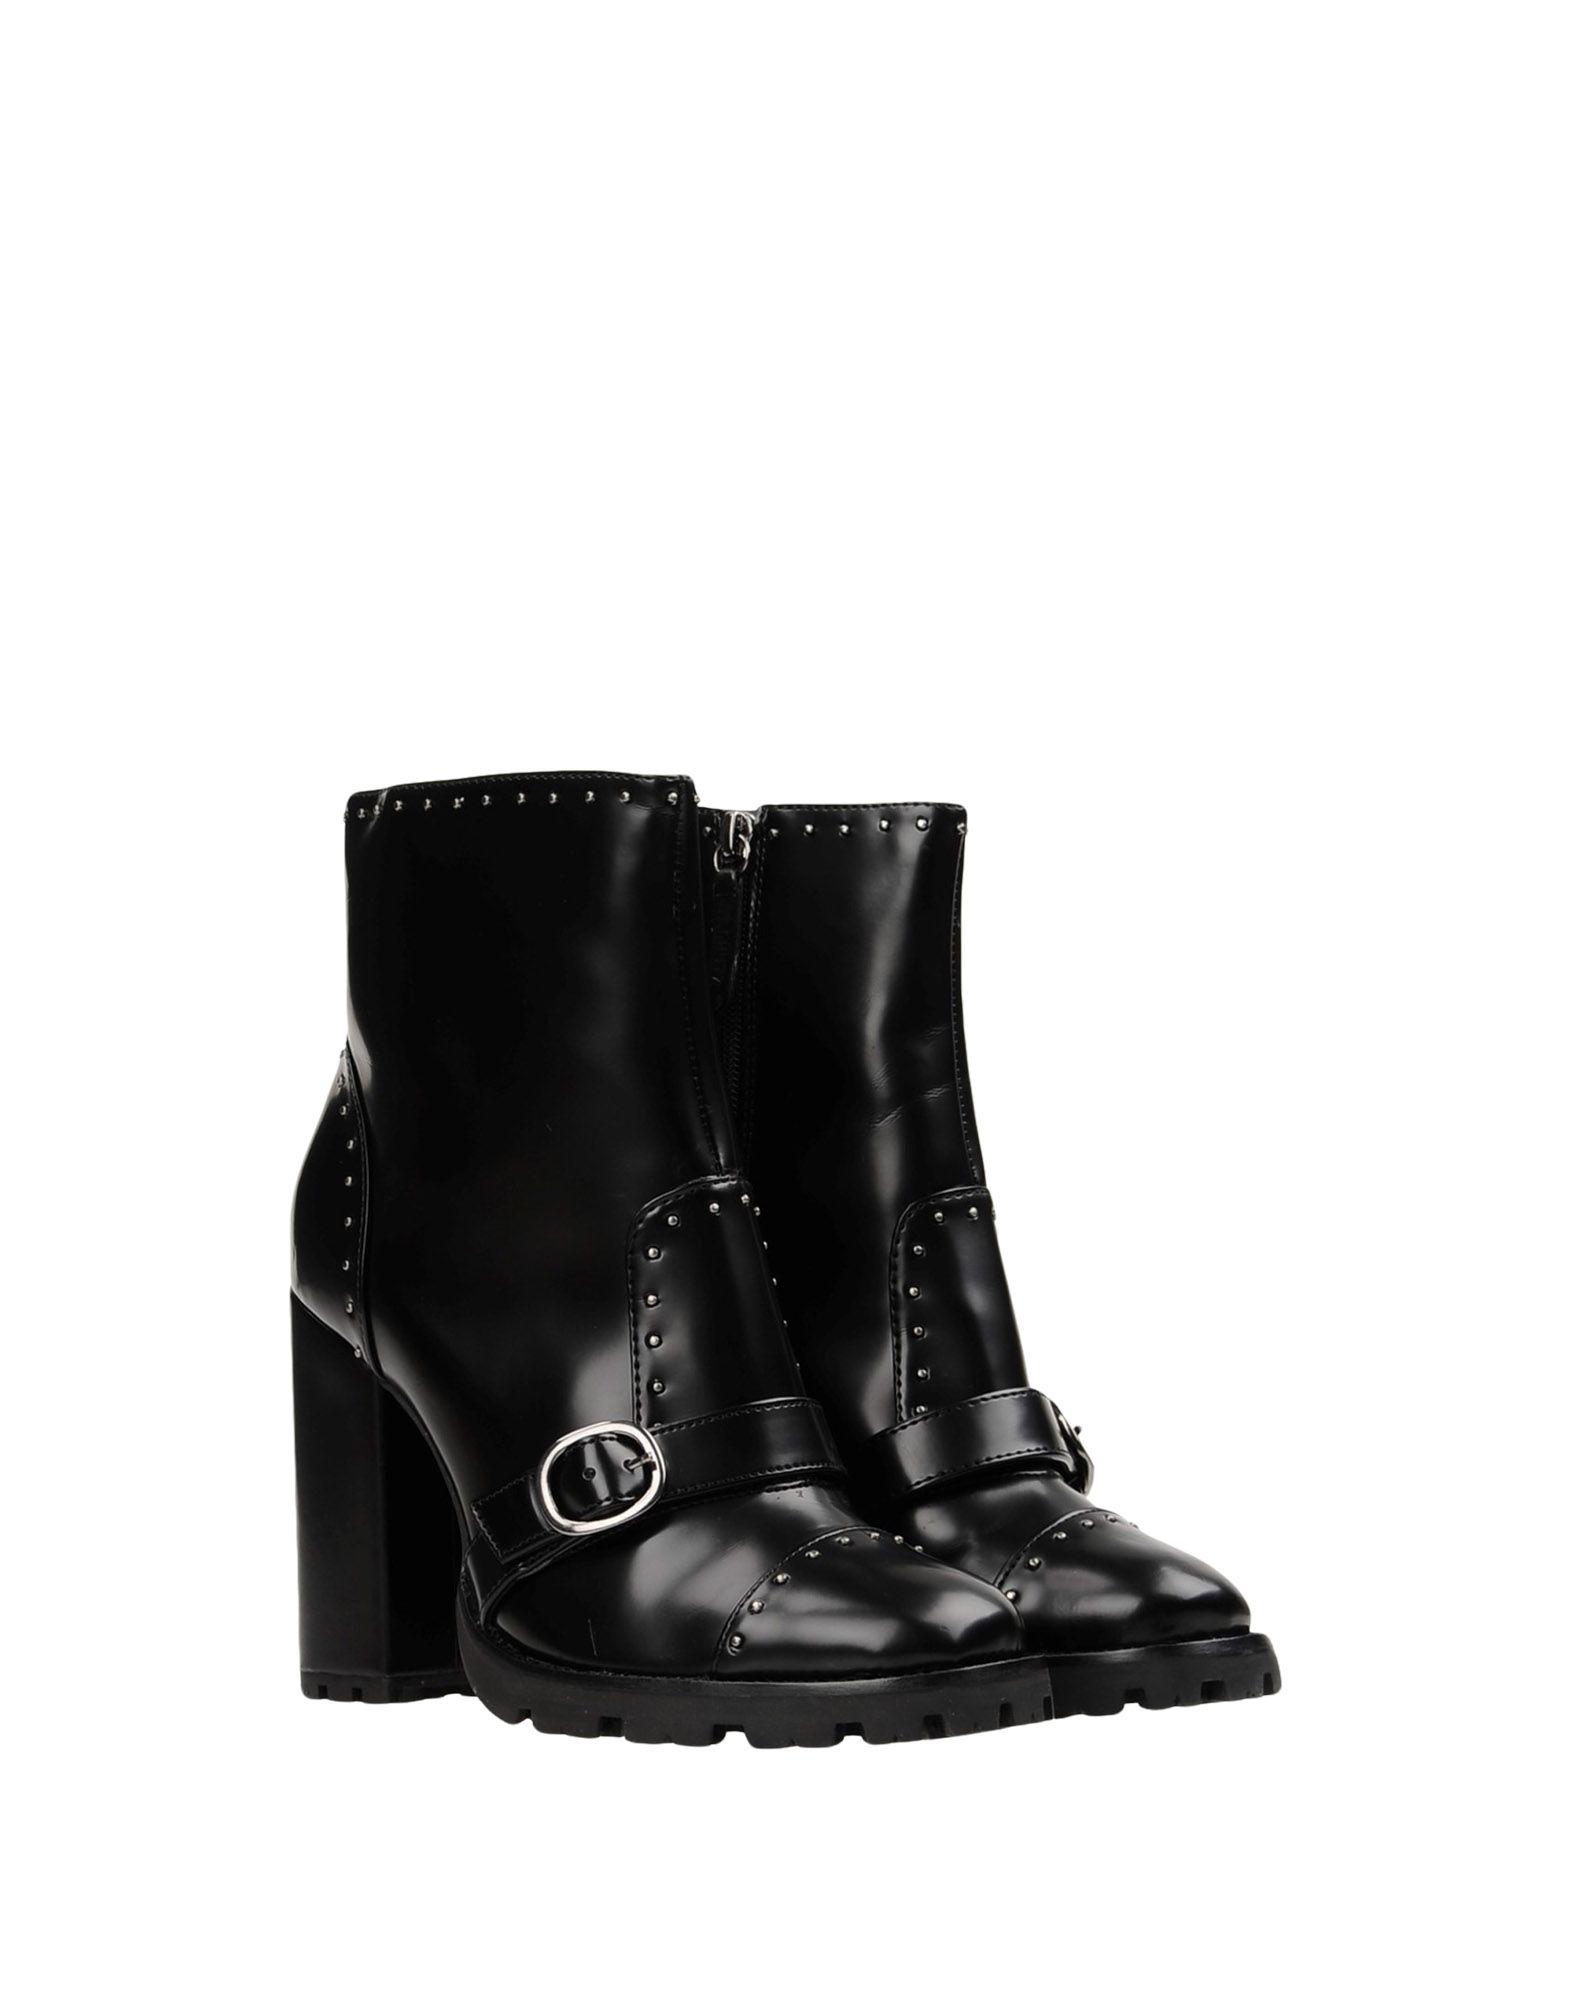 Schutz Stiefelette Damen aussehende  11364157UJGut aussehende Damen strapazierfähige Schuhe 18caf2